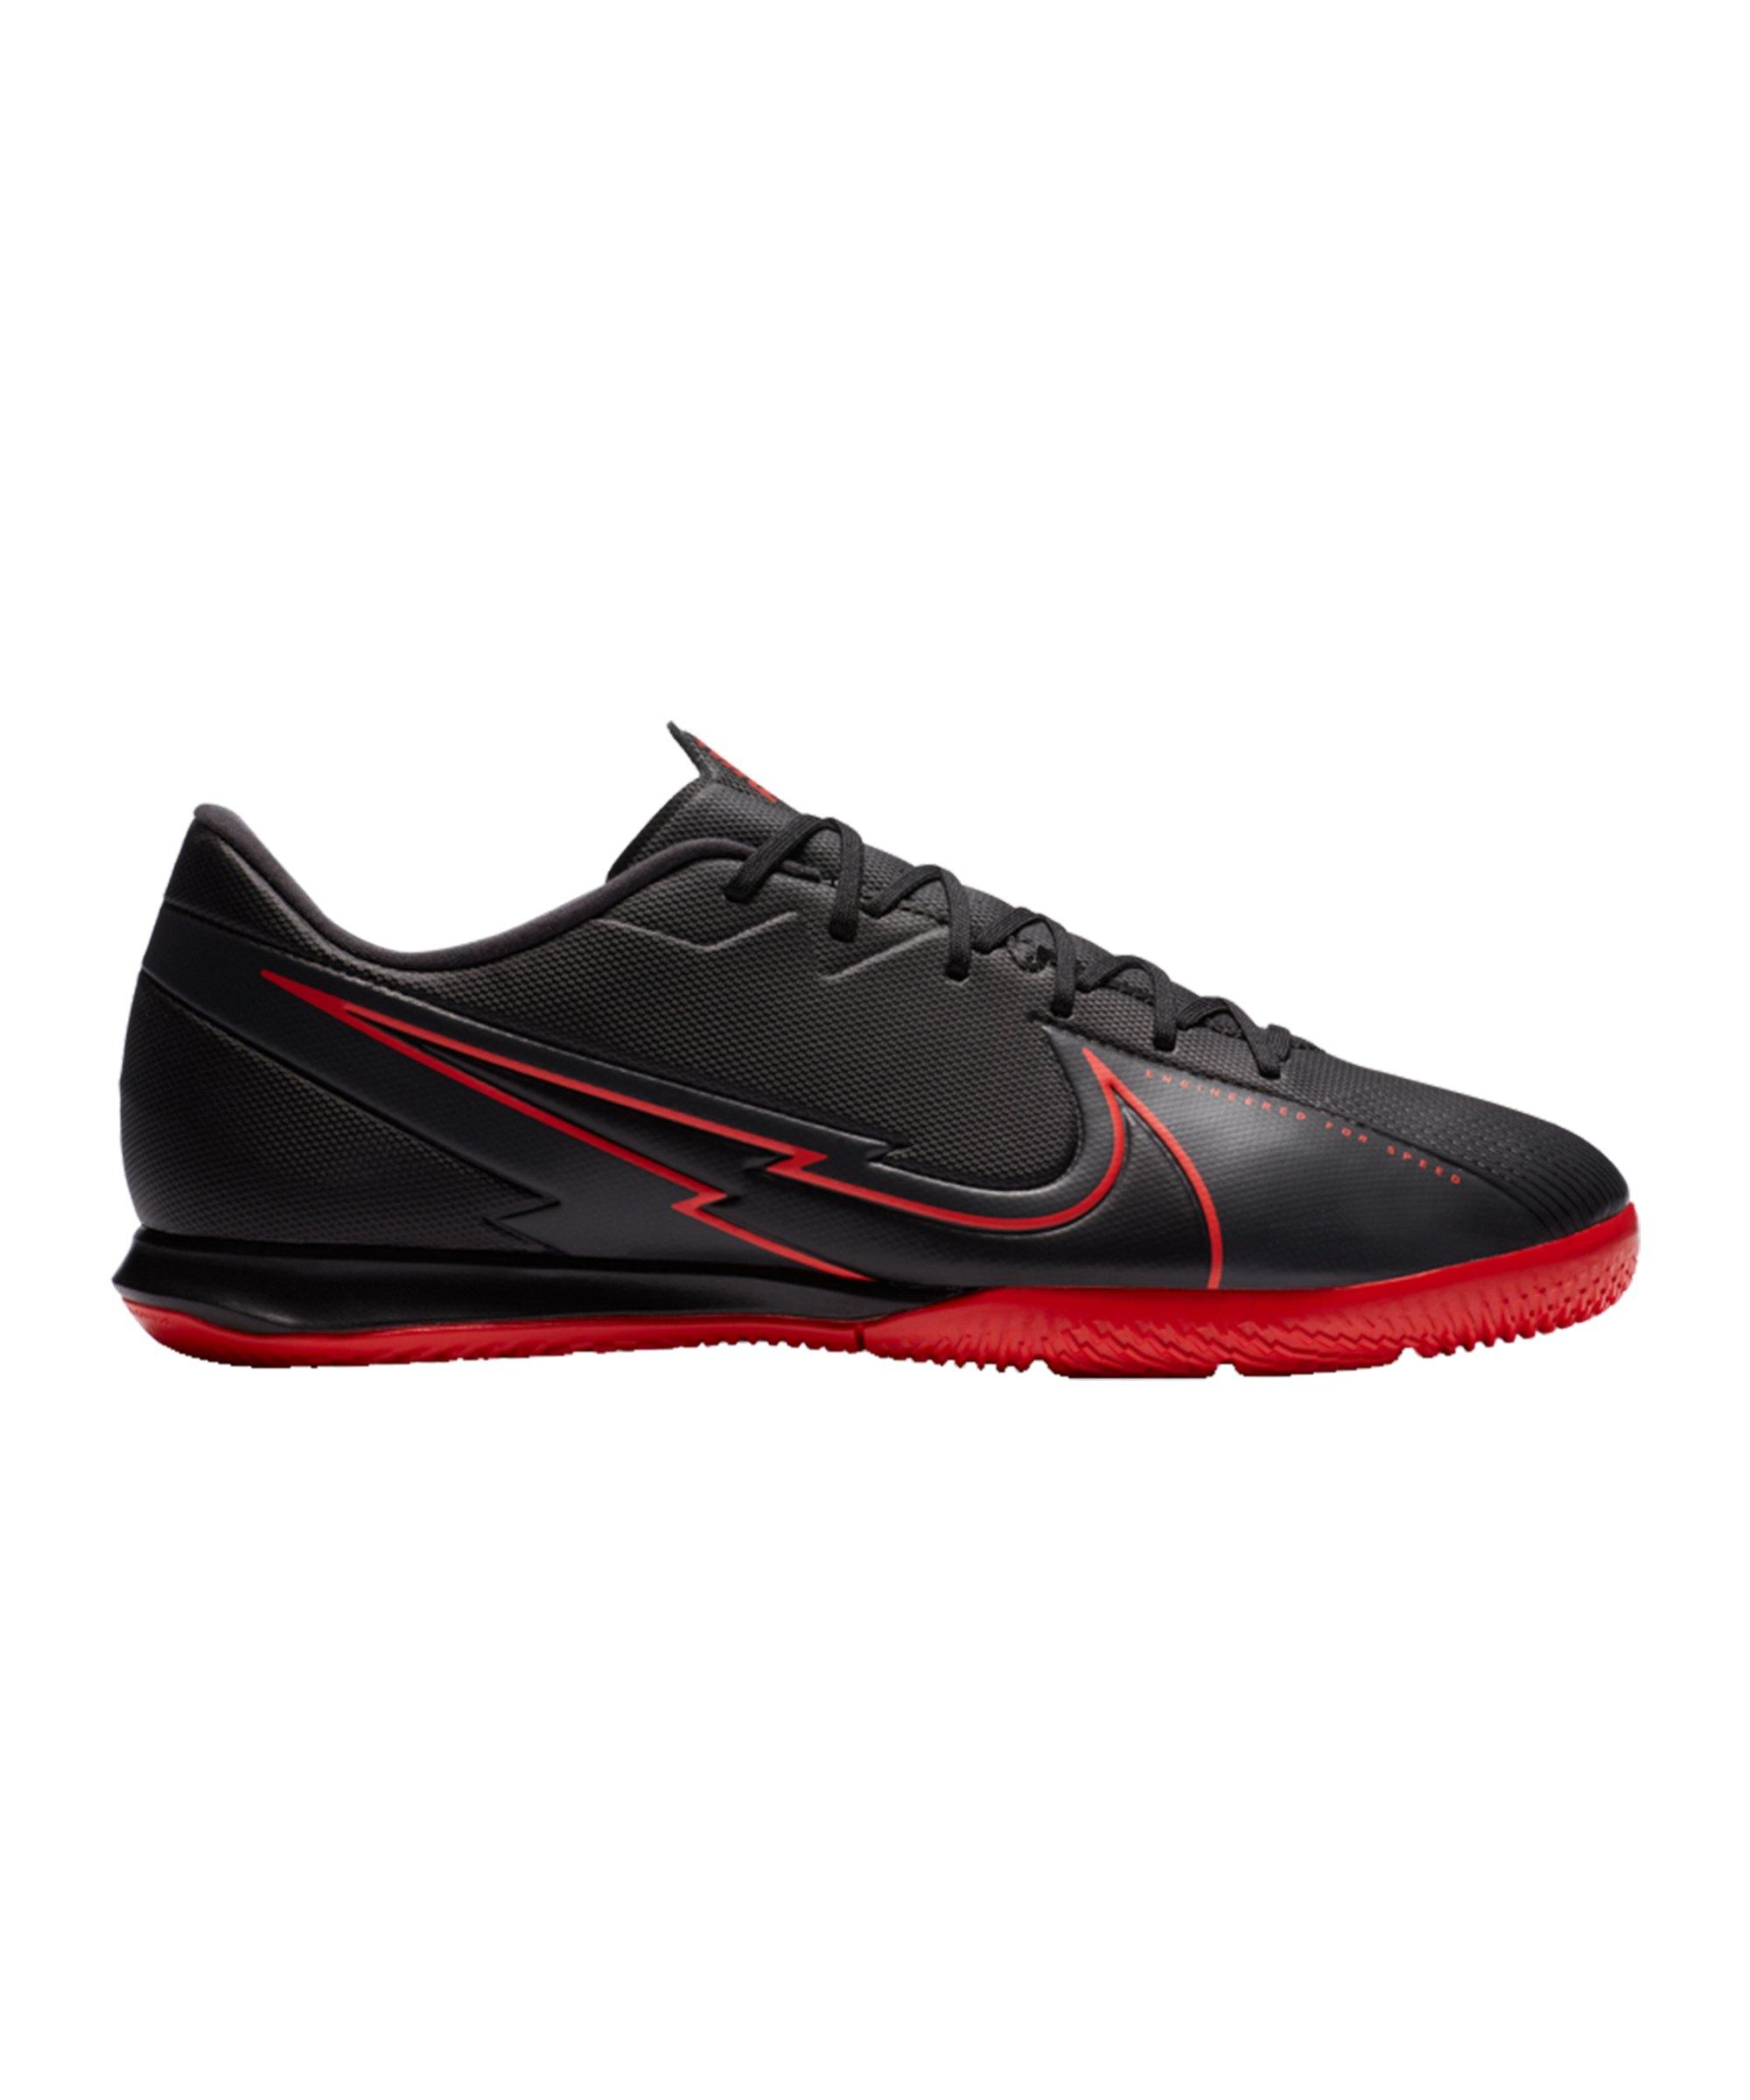 Nike Mercurial Vapor XIII Black X Chile Red Academy IC Schwarz F060 - schwarz